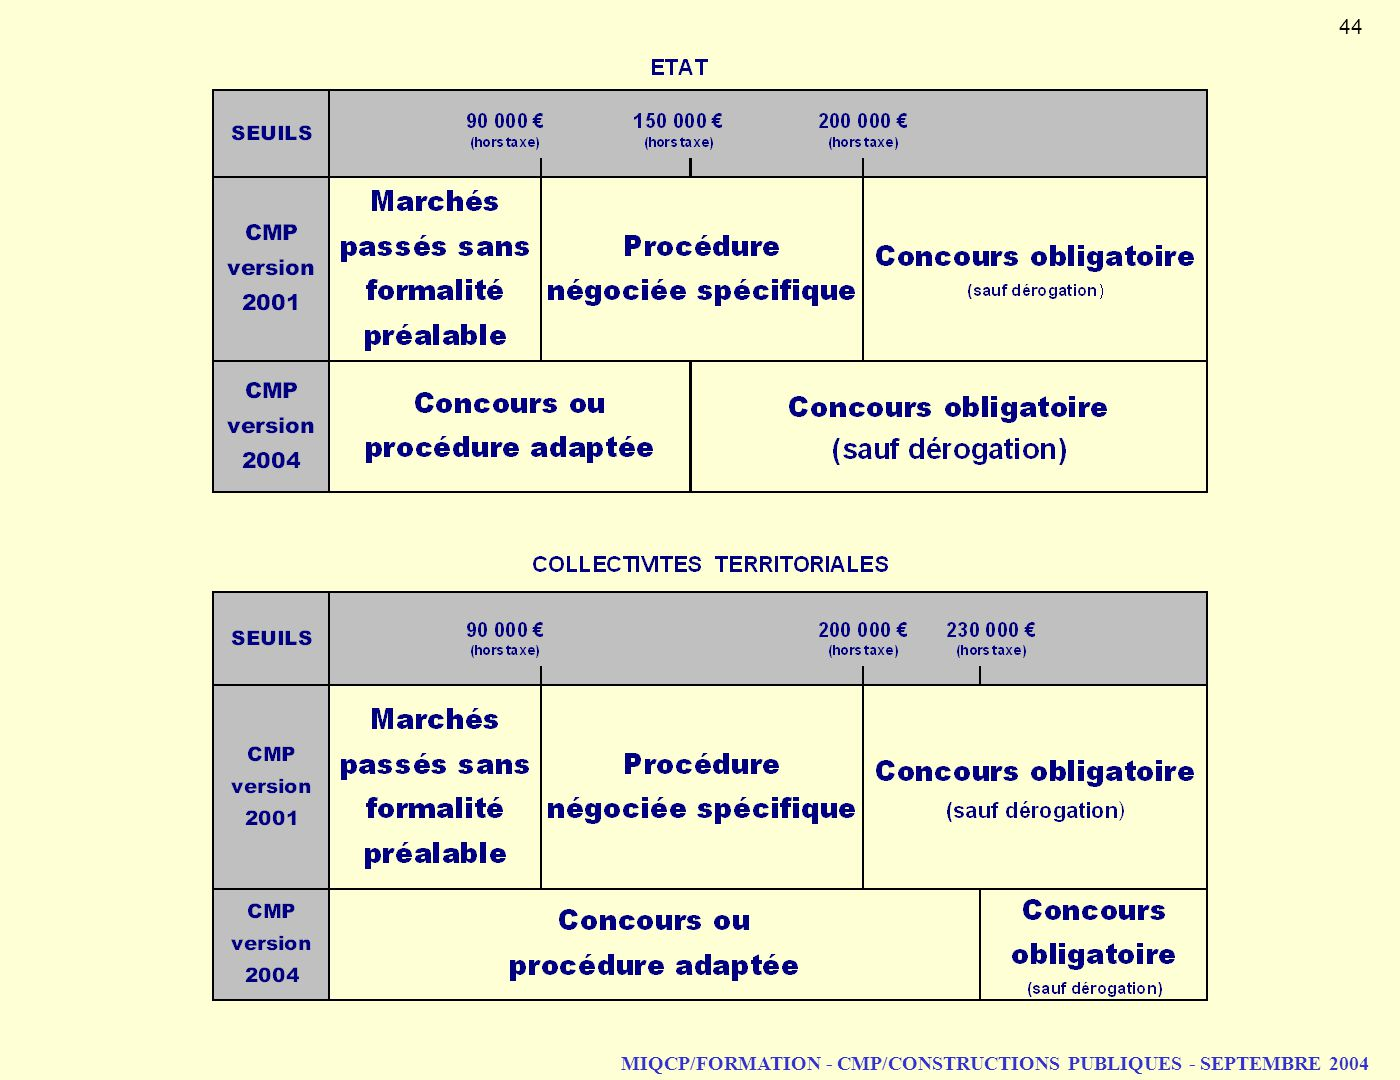 MIQCP/FORMATION - CMP/CONSTRUCTIONS PUBLIQUES - SEPTEMBRE 2004